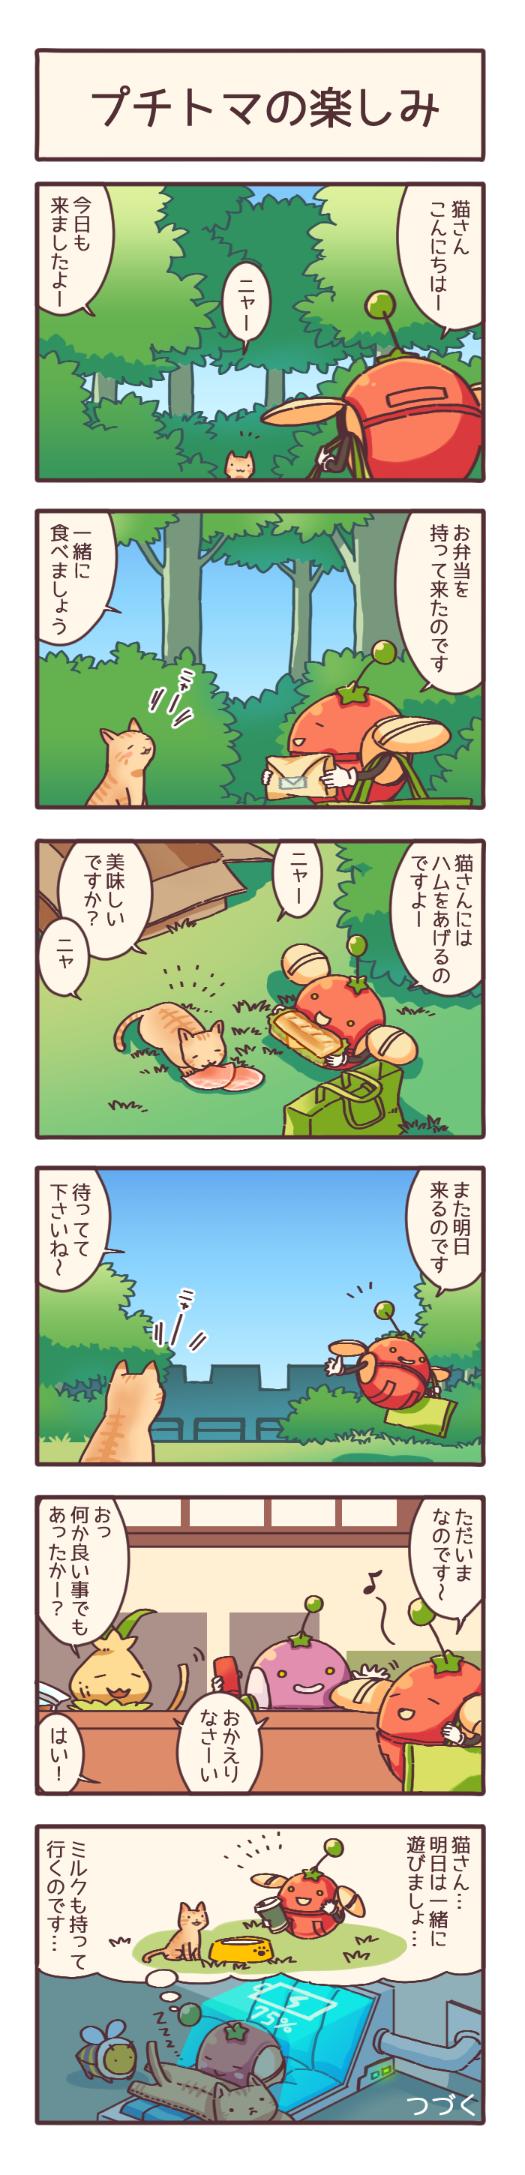 回のお話で、捨て猫を見つけたプチトマ。 ですが、どうして良いのかわからないので、彼はしょんぼりしながら帰って行きました。